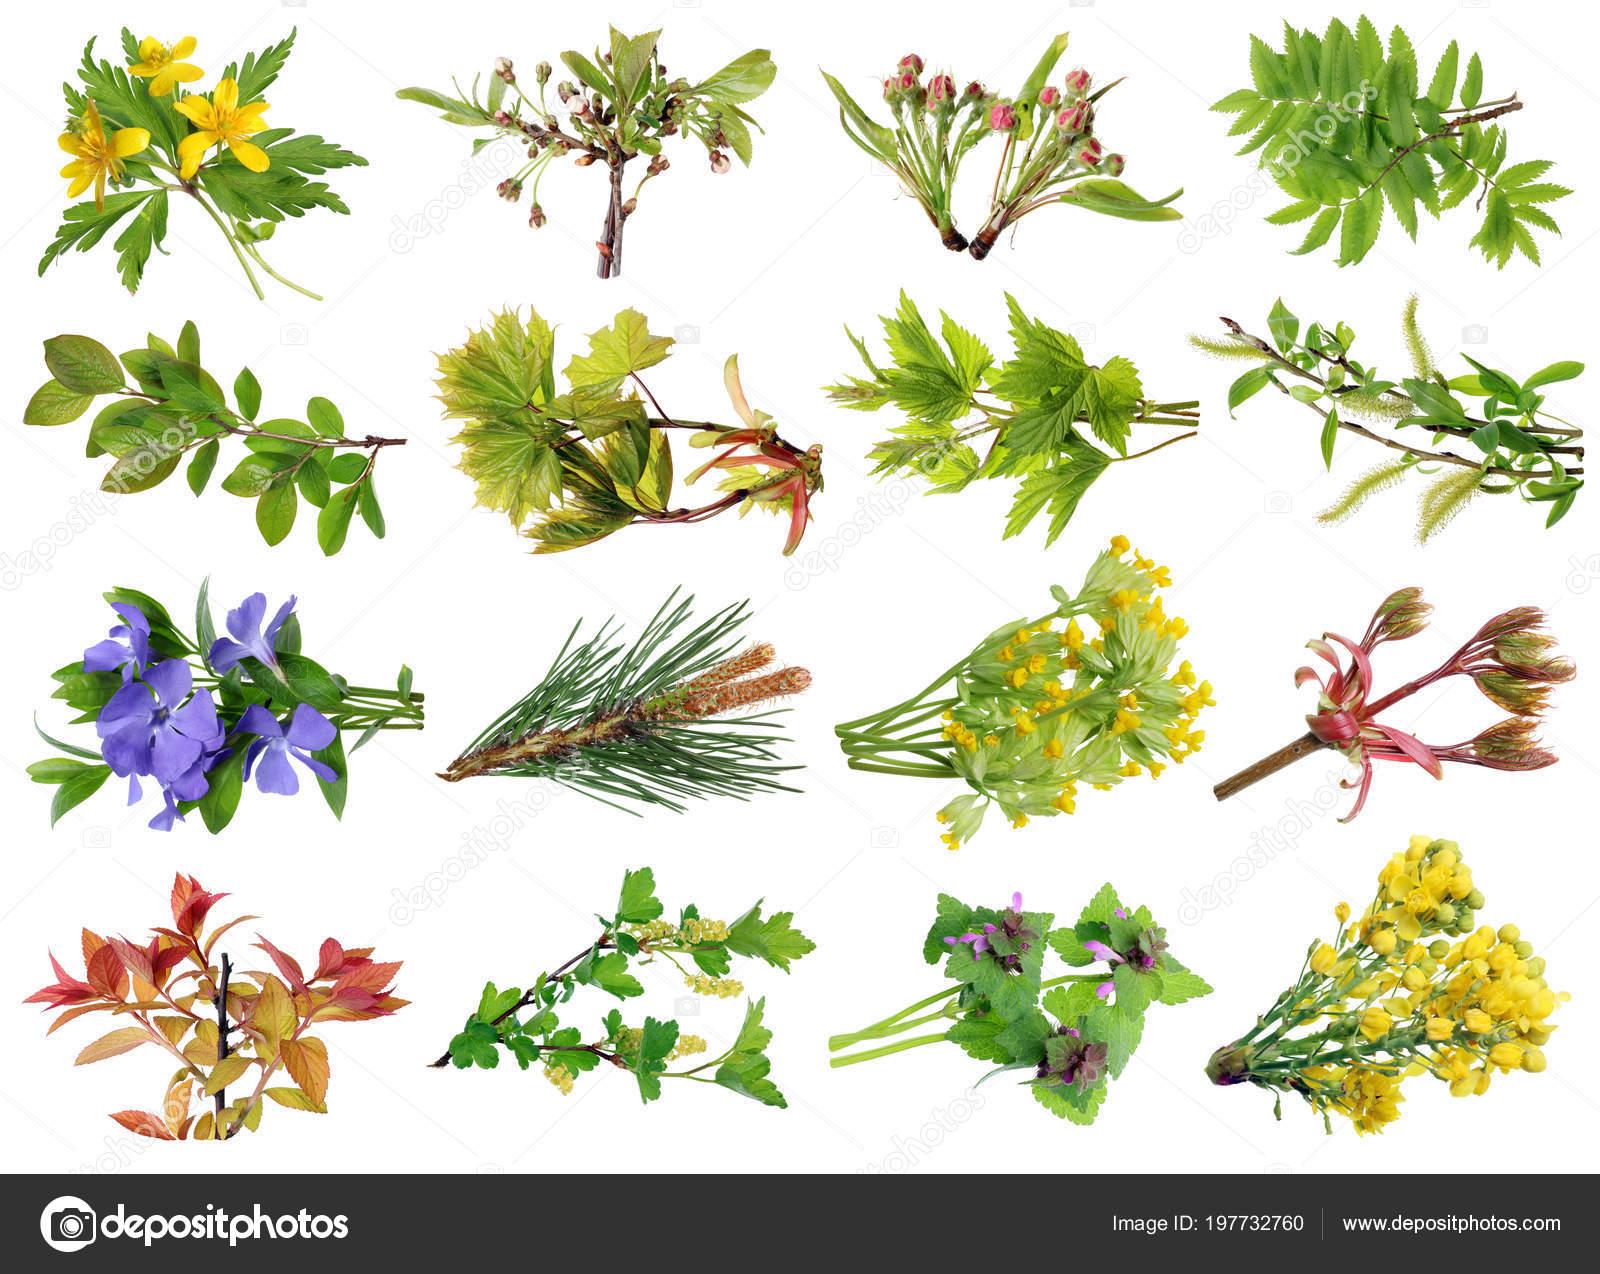 April Fruhlingszweige Europaische Wilde Baume Und Blumen Gesetzt